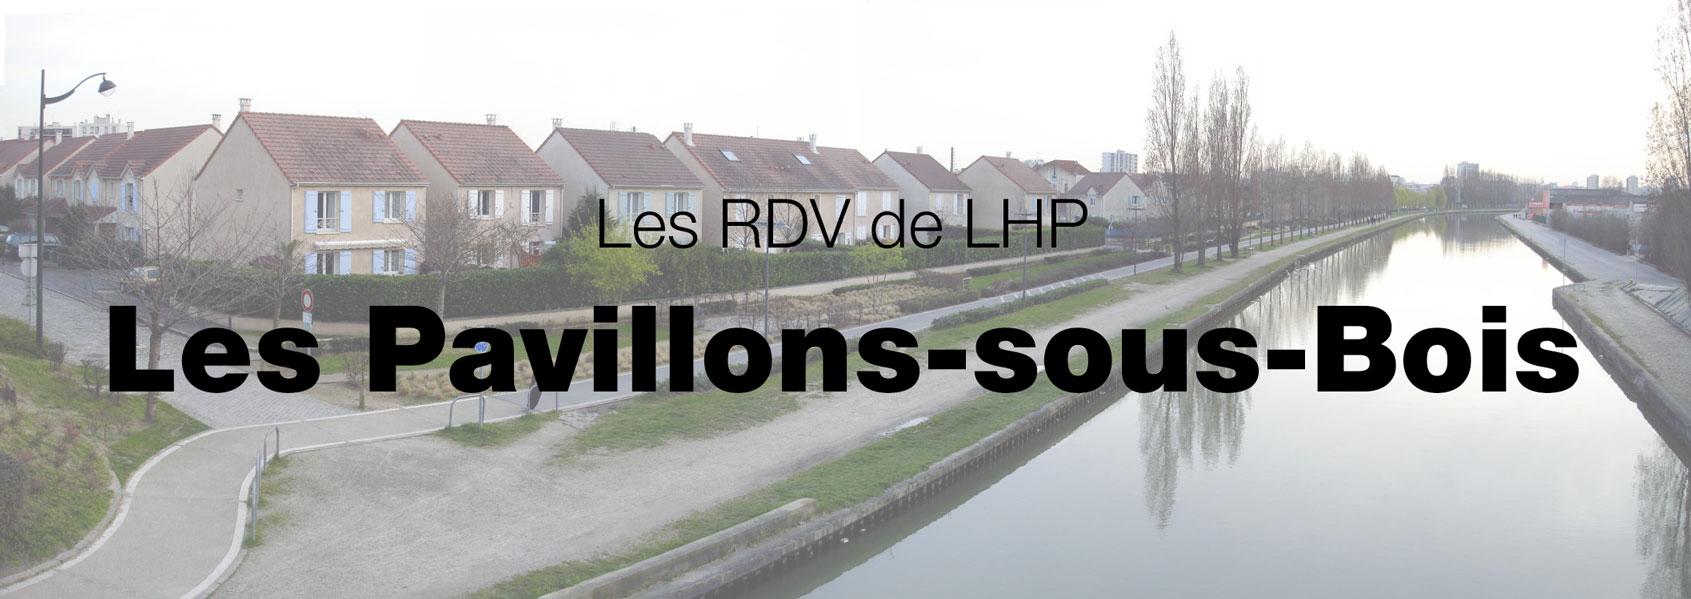 Les_Pavillons-sous-Bois_-_le_canal_de_l_Ourcq